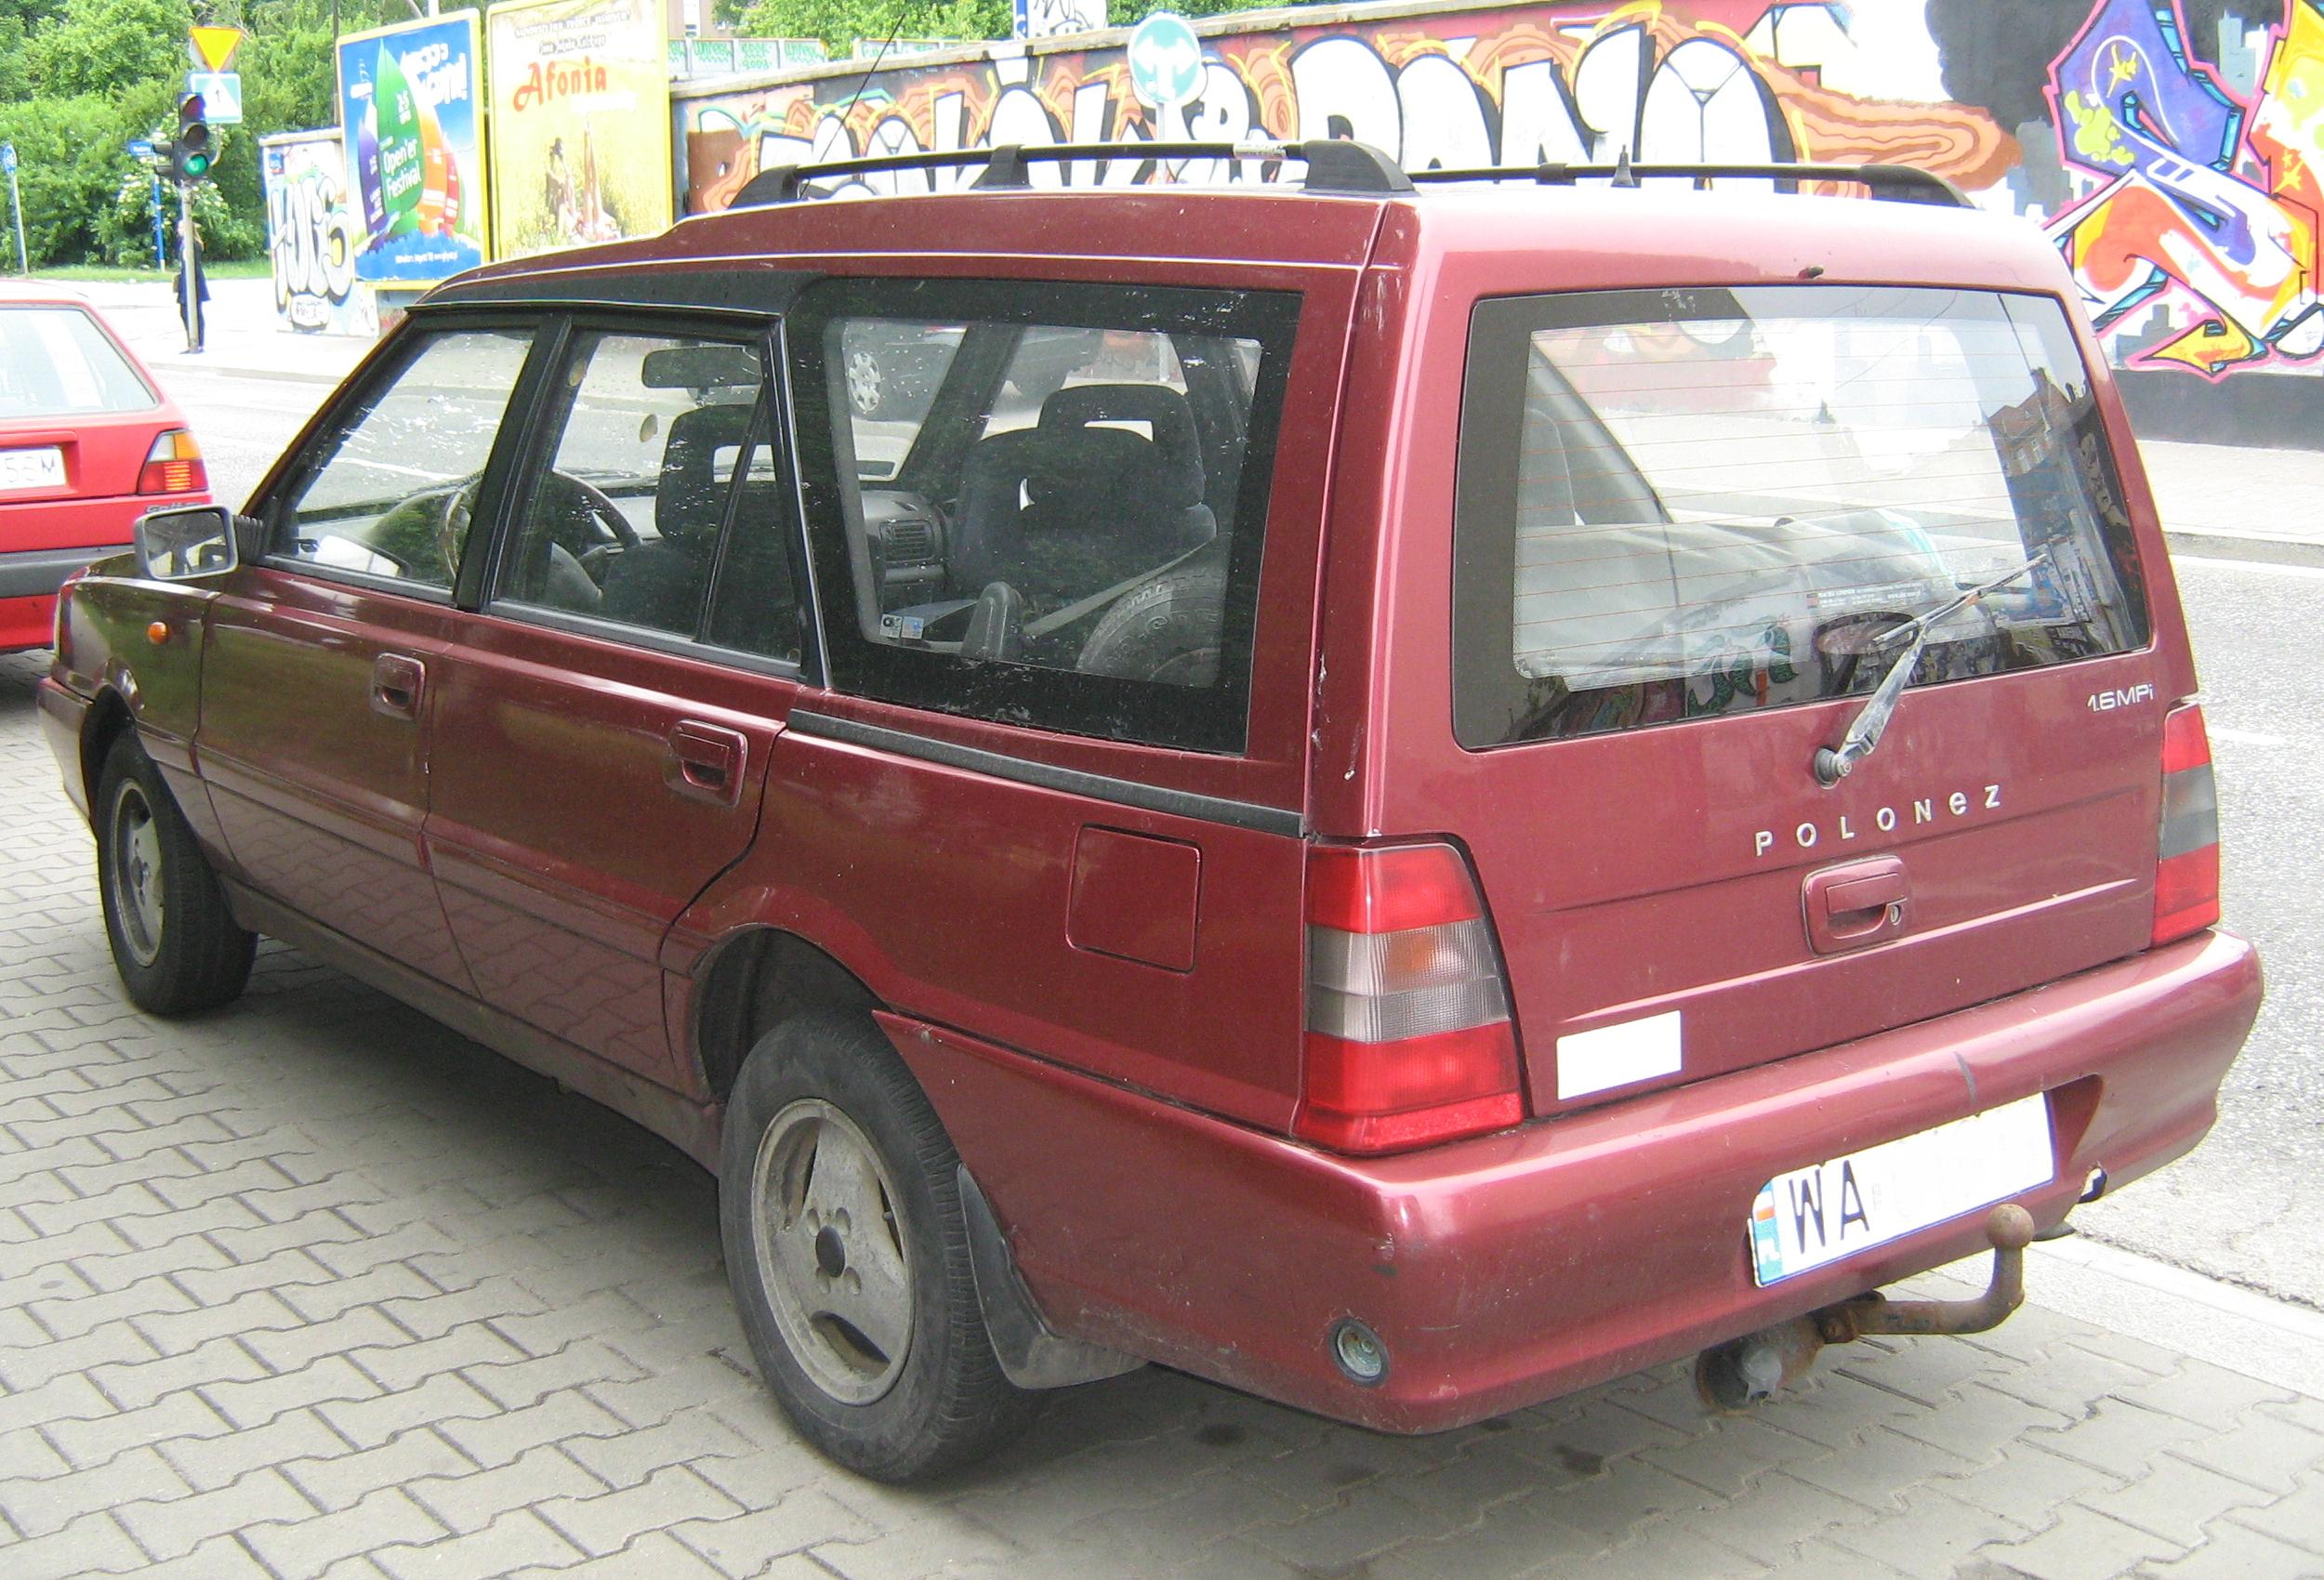 2002 FSO Polonez Kombi